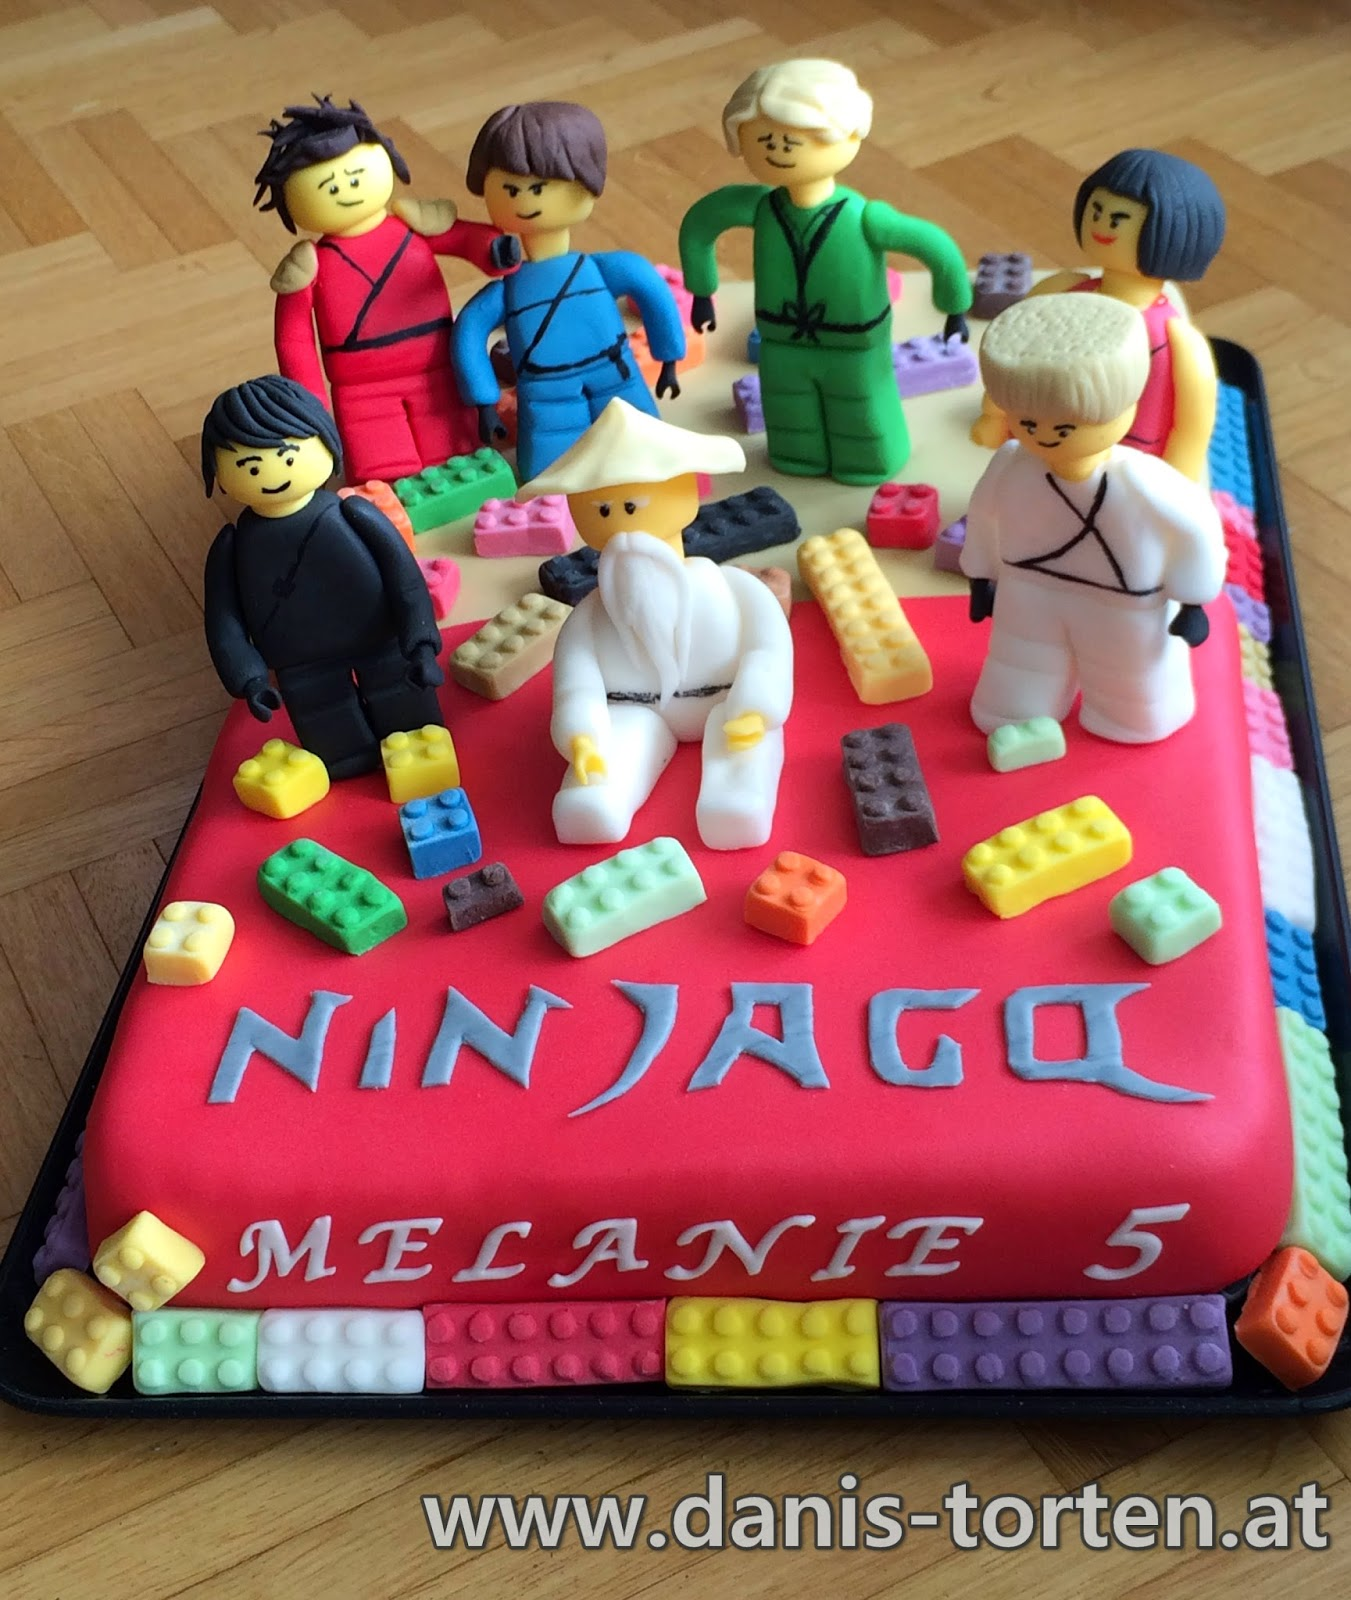 Danis Torten NinjagoTorte zum 5 Geburtstag meiner Nichte Melanie